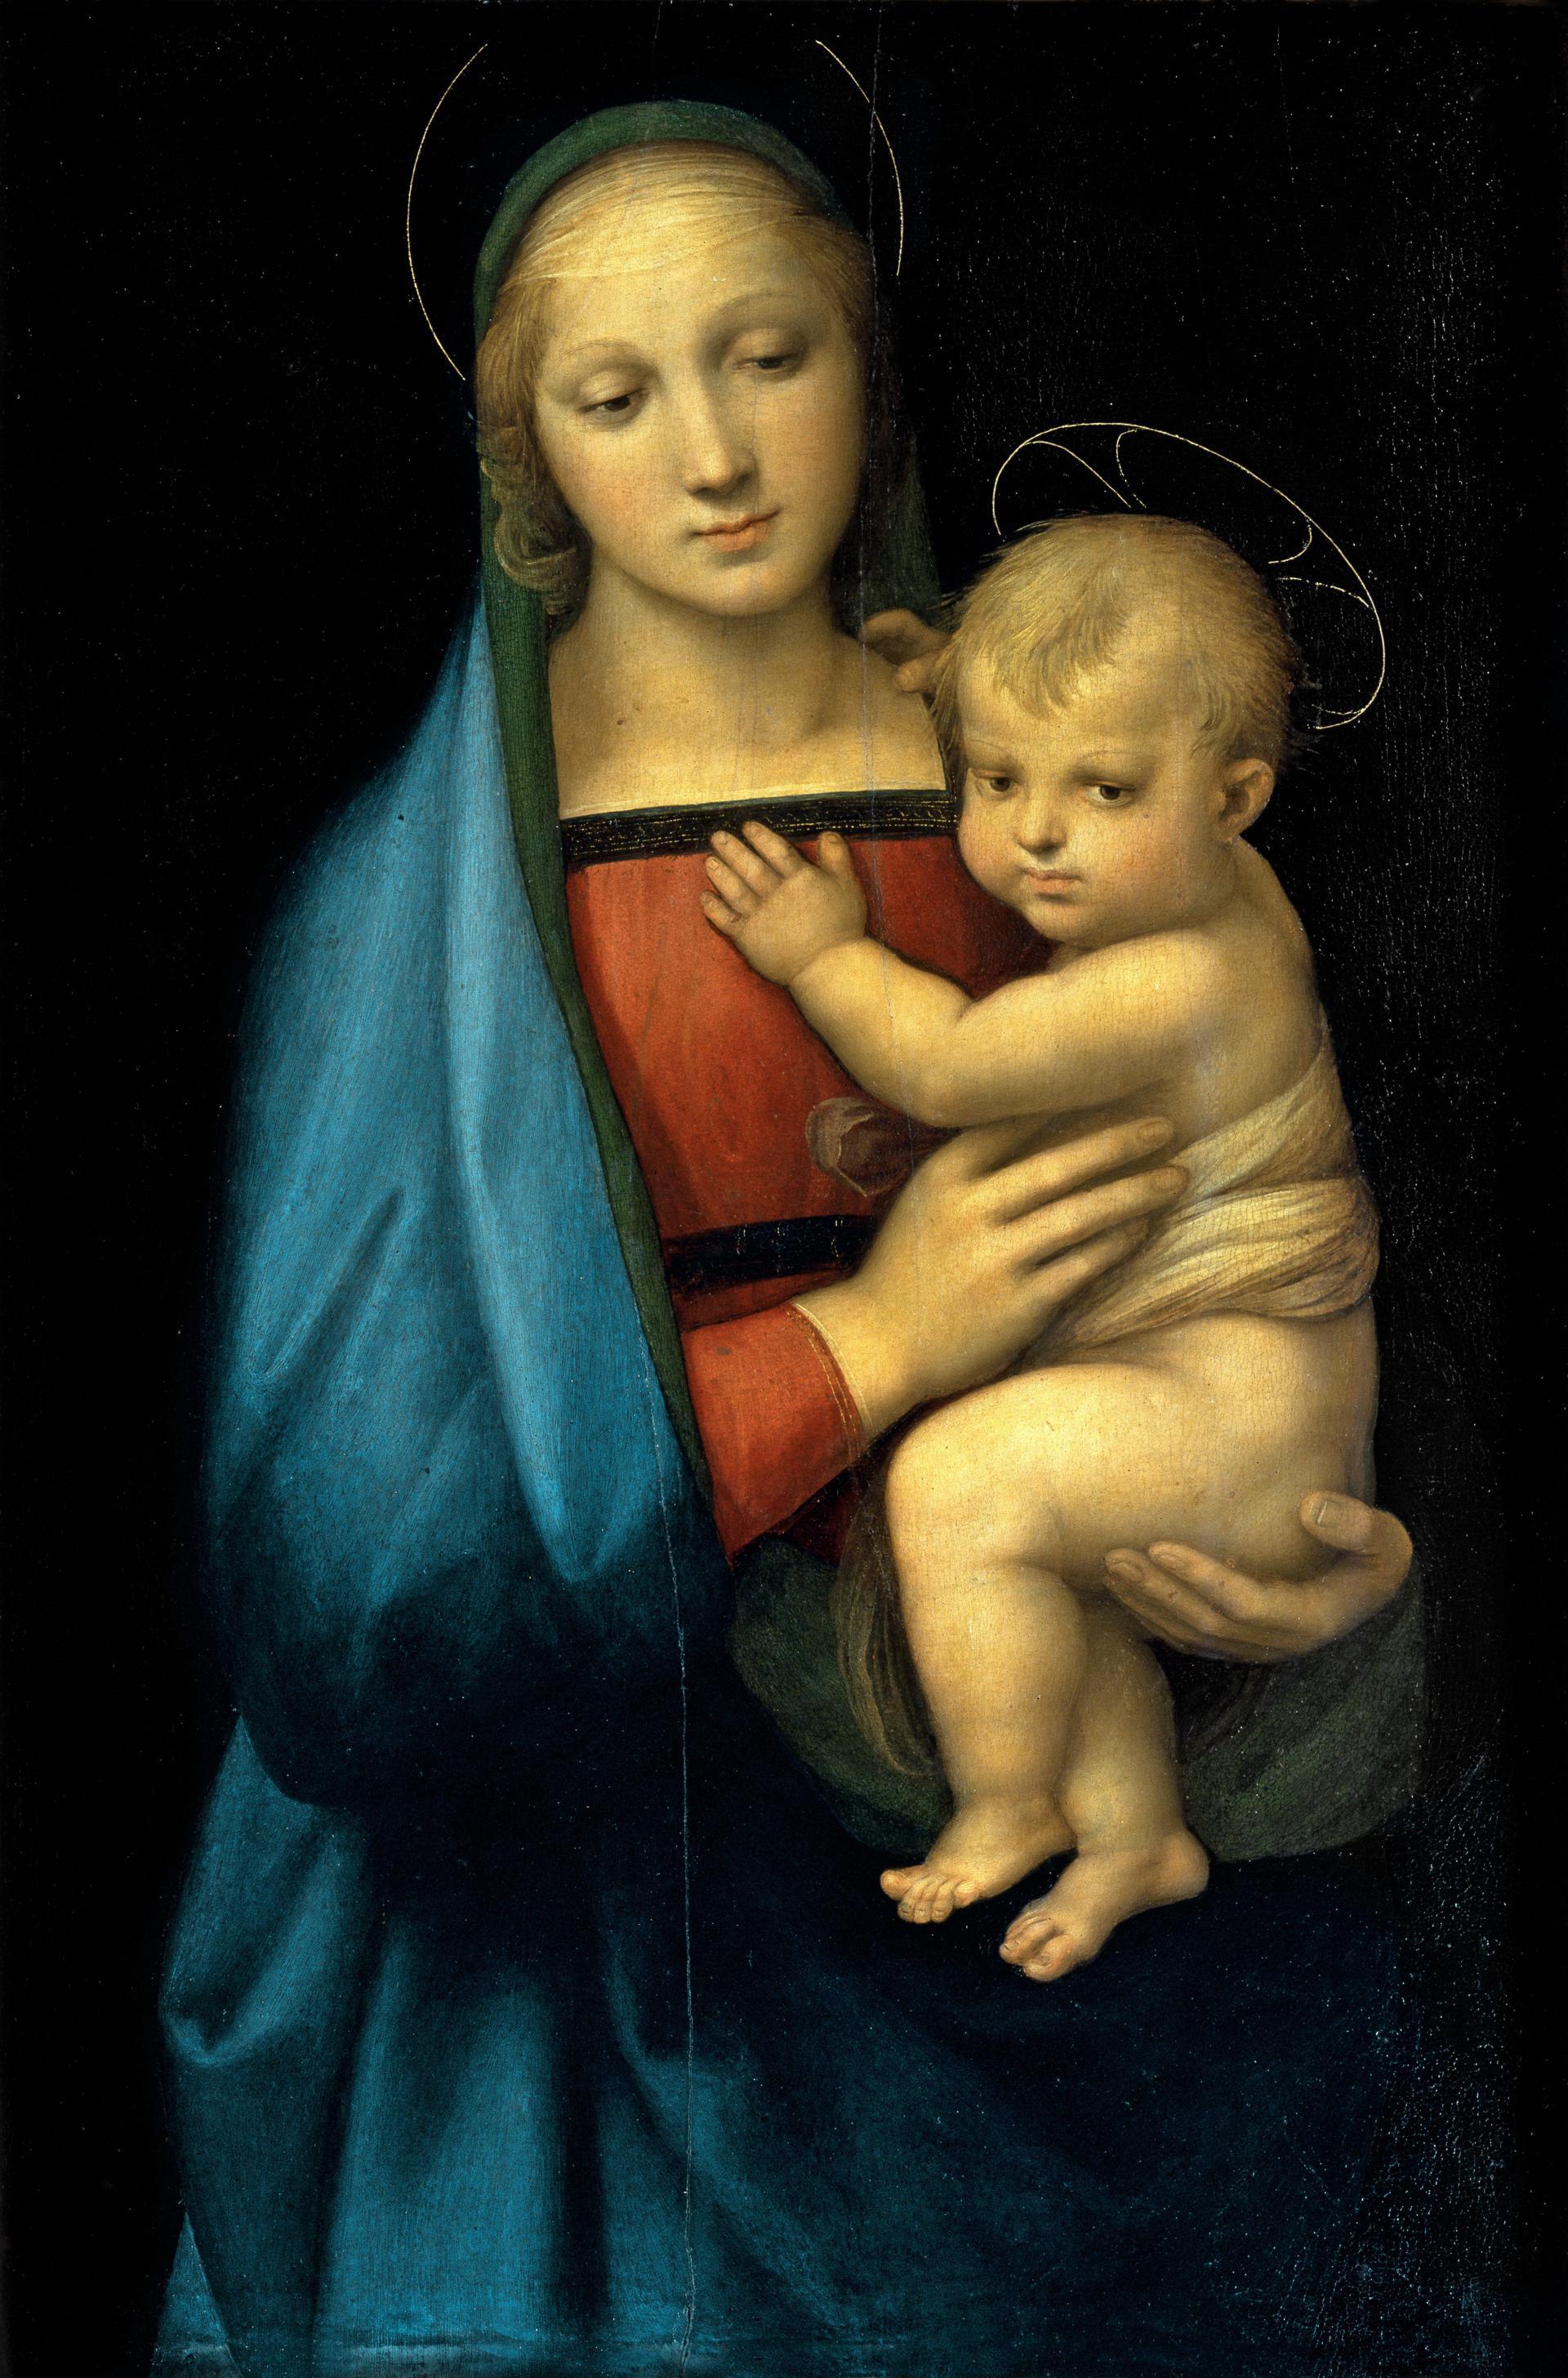 0008_拉斐尔绘画作品集油画专辑TIF-Raffaello-Sanzio-16_4407x6693PX_TIF_72DPI_86_0